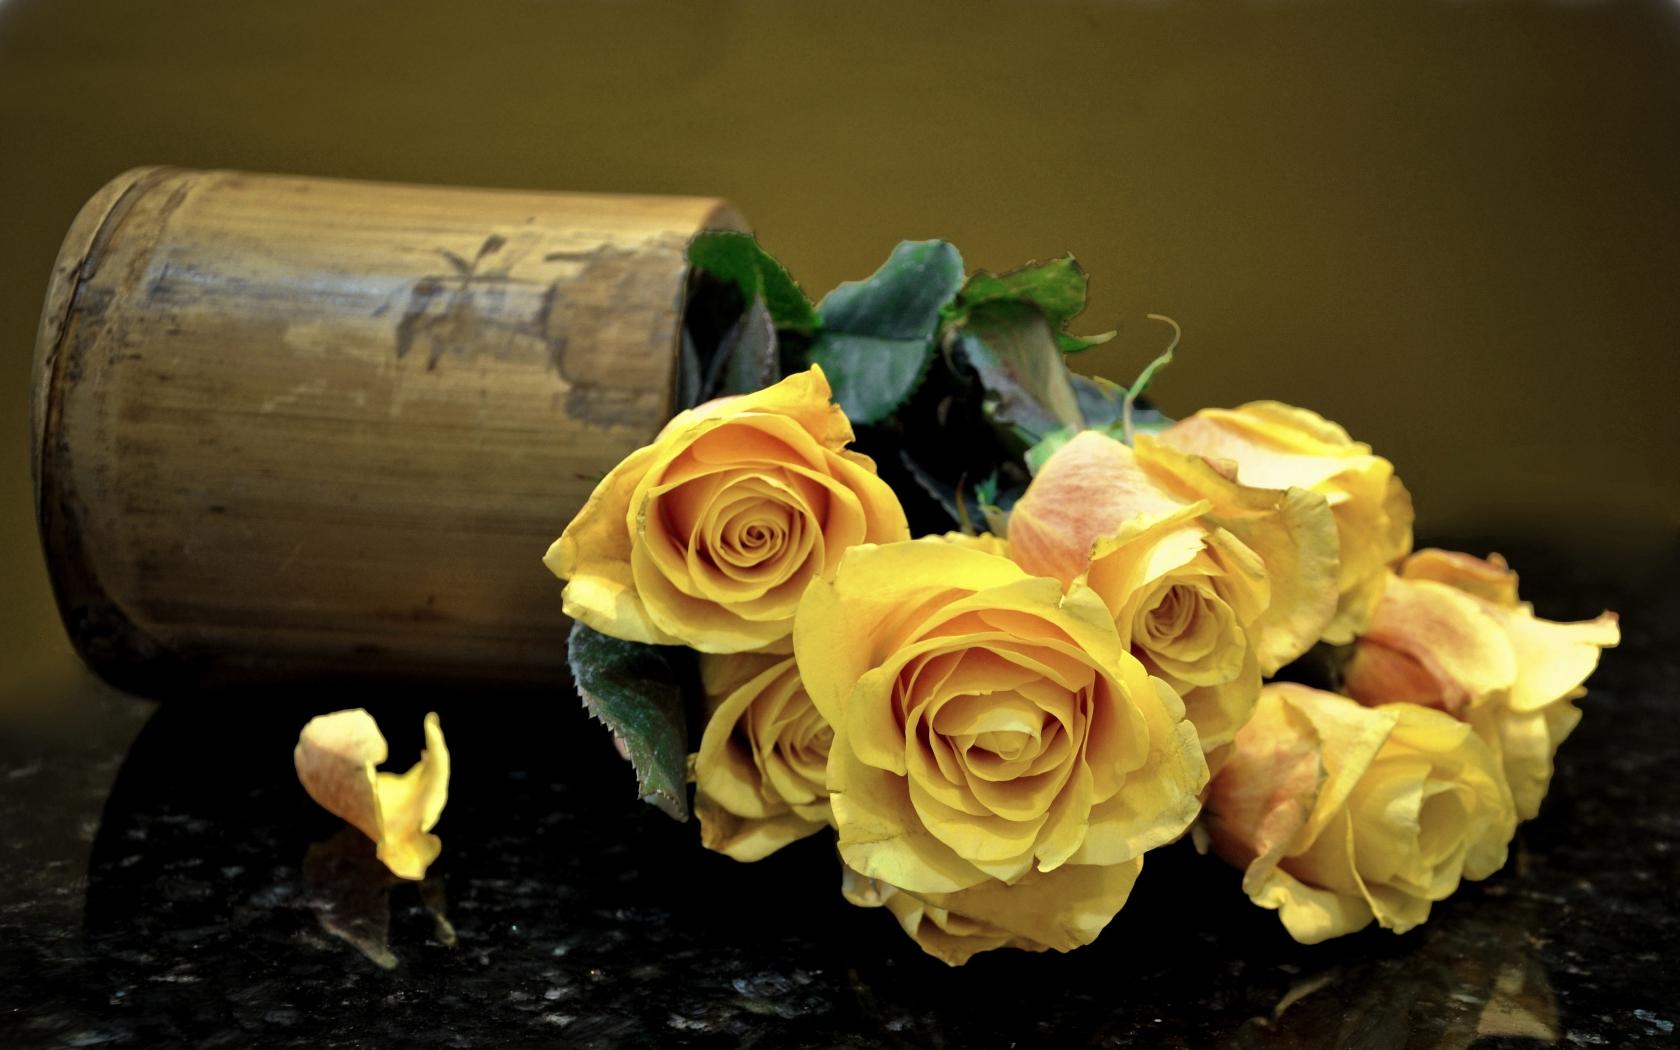 Природа пейзаж цветы розы цветы ваза